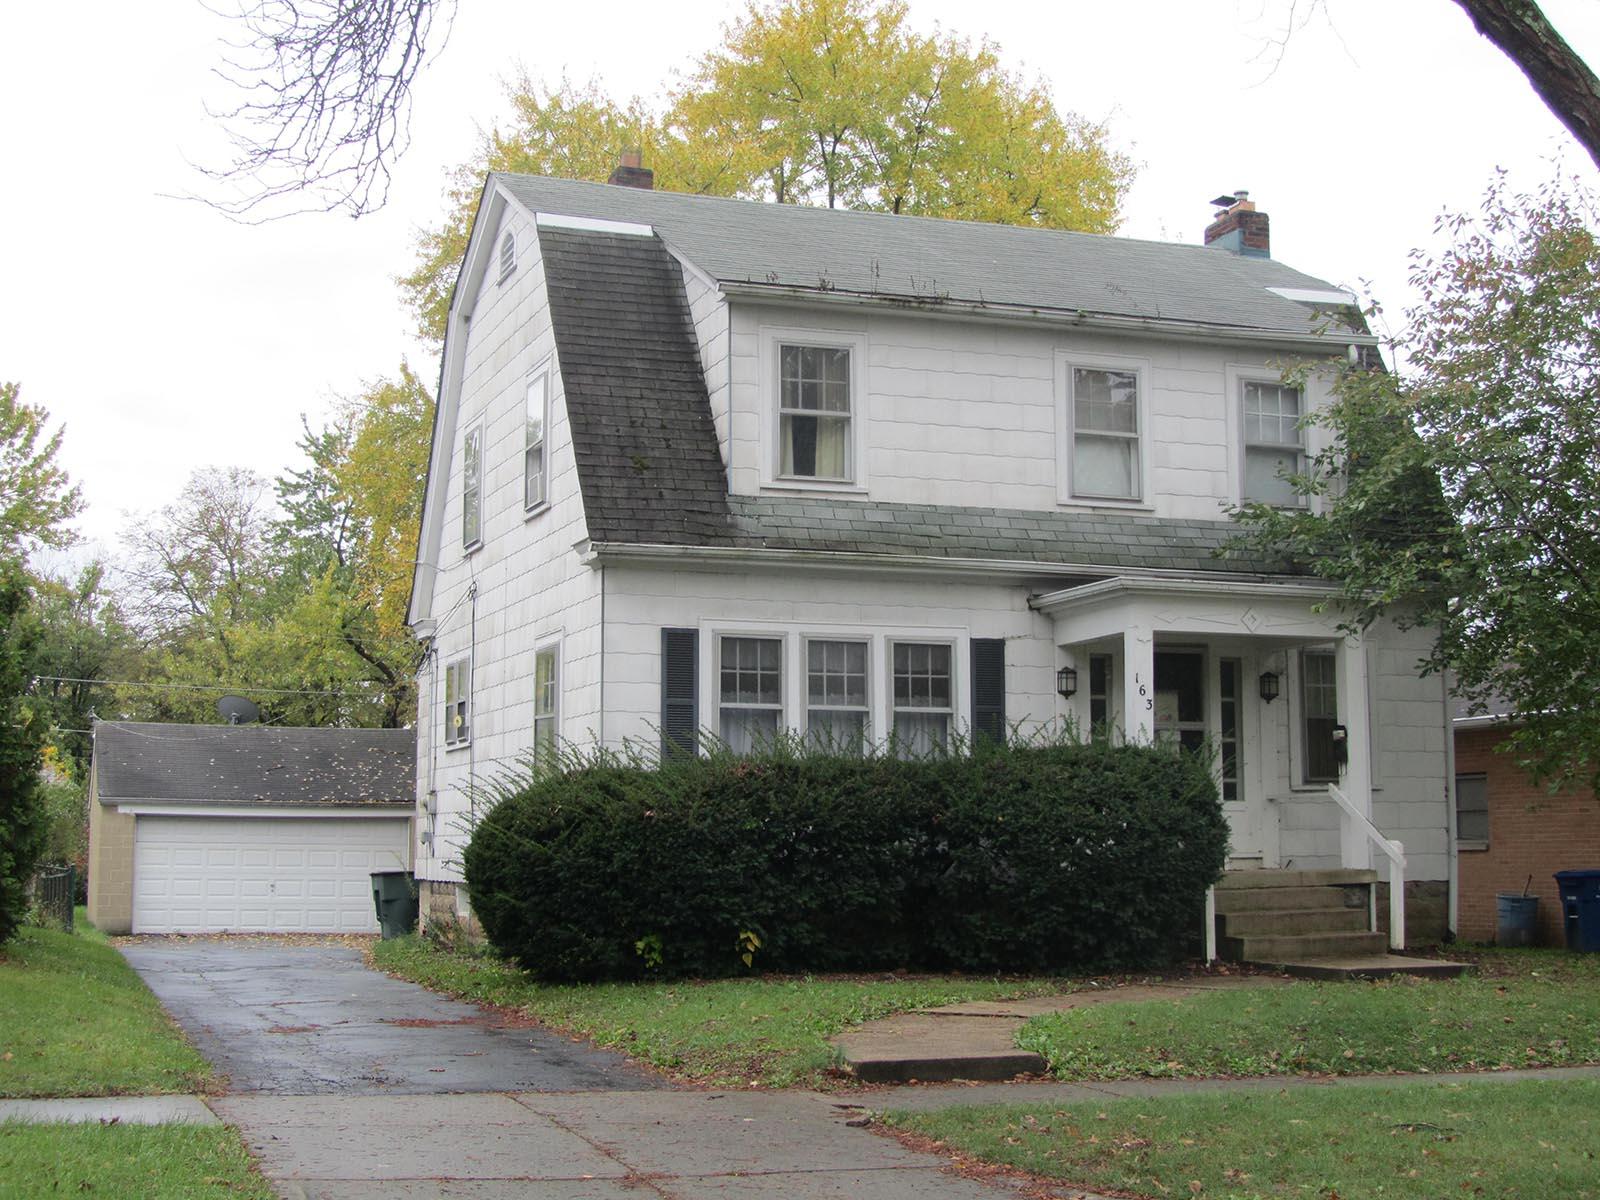 163 Garden Rd, Columbus, OH 43214